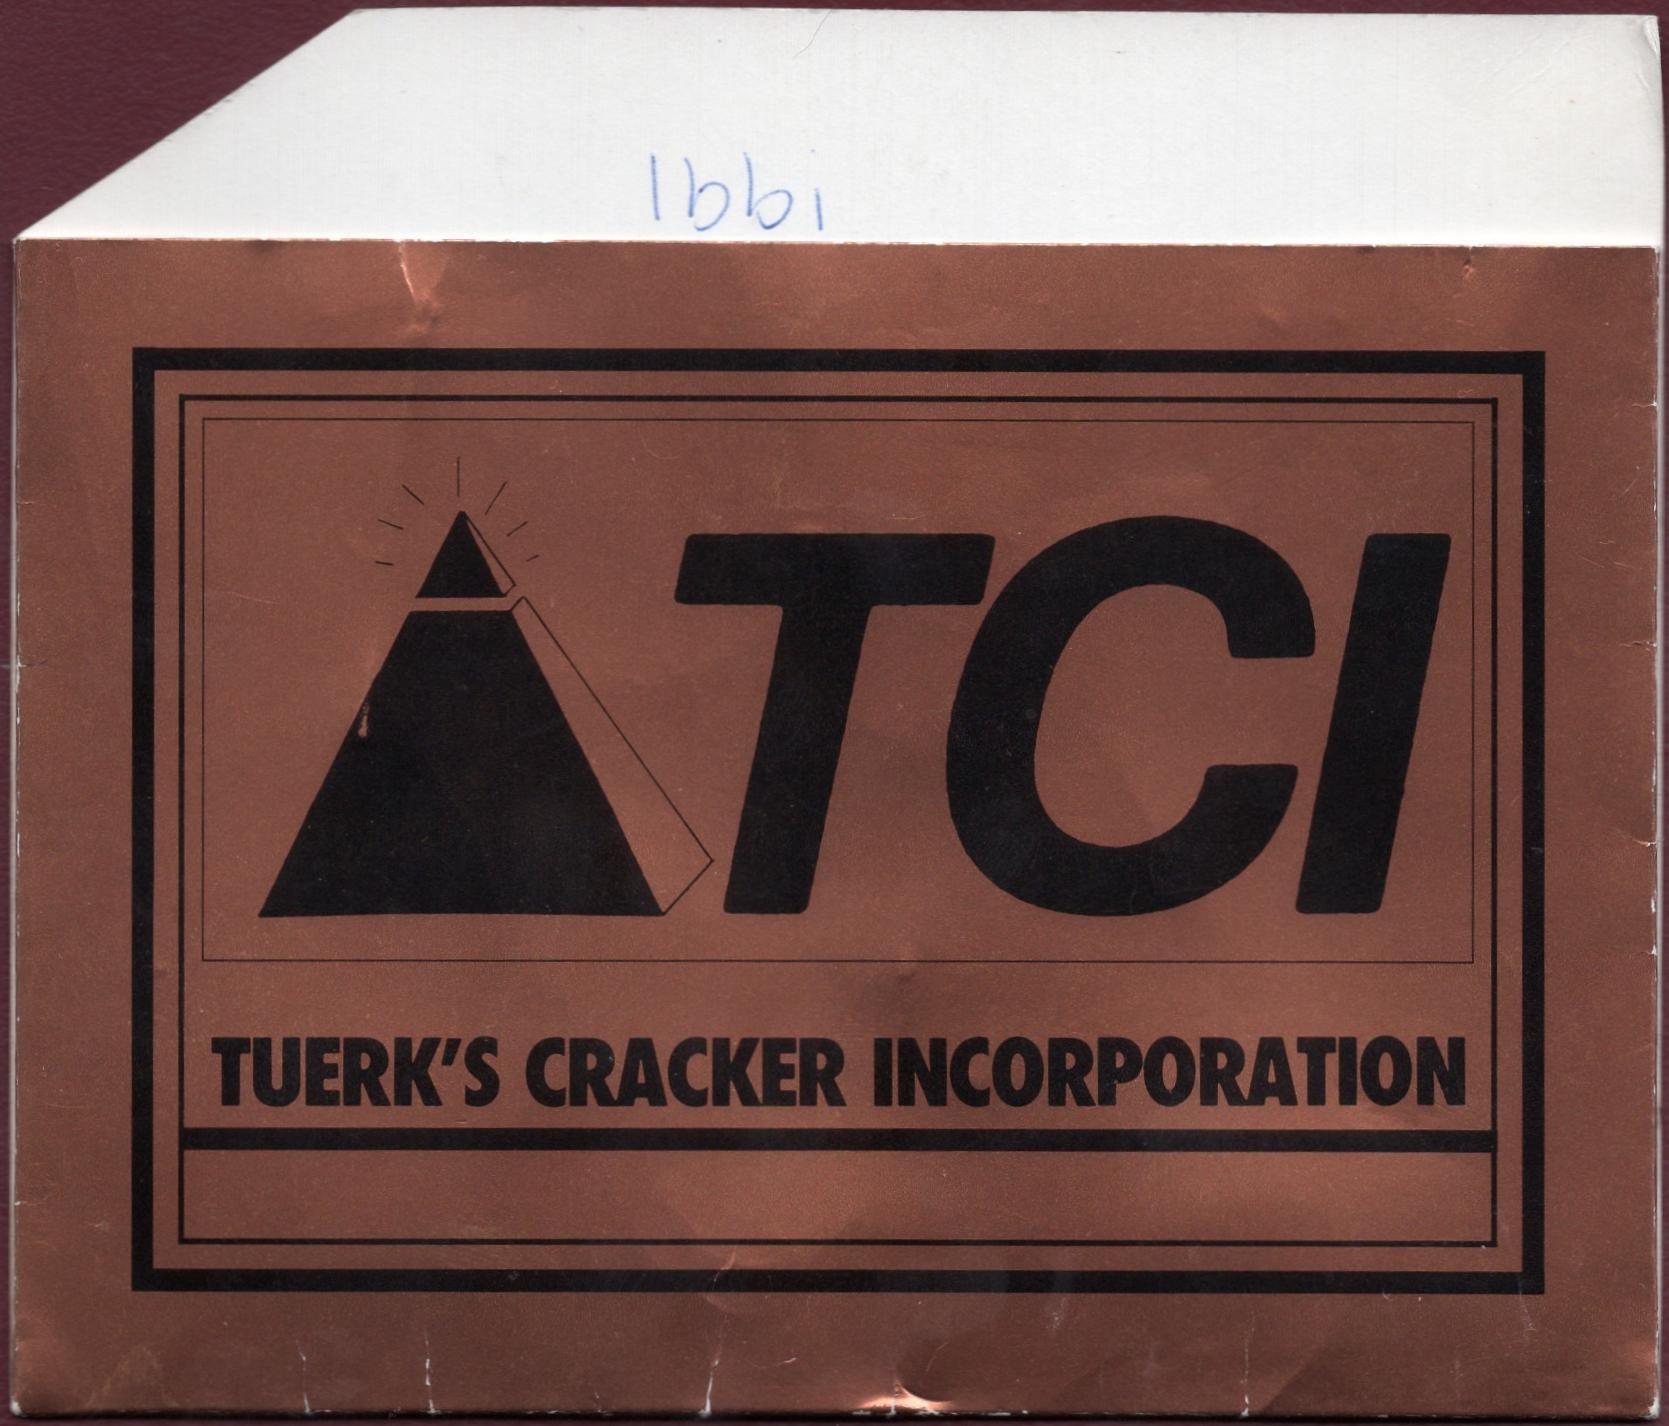 e884a58f5fe Tuerk s Cracker Incorporation